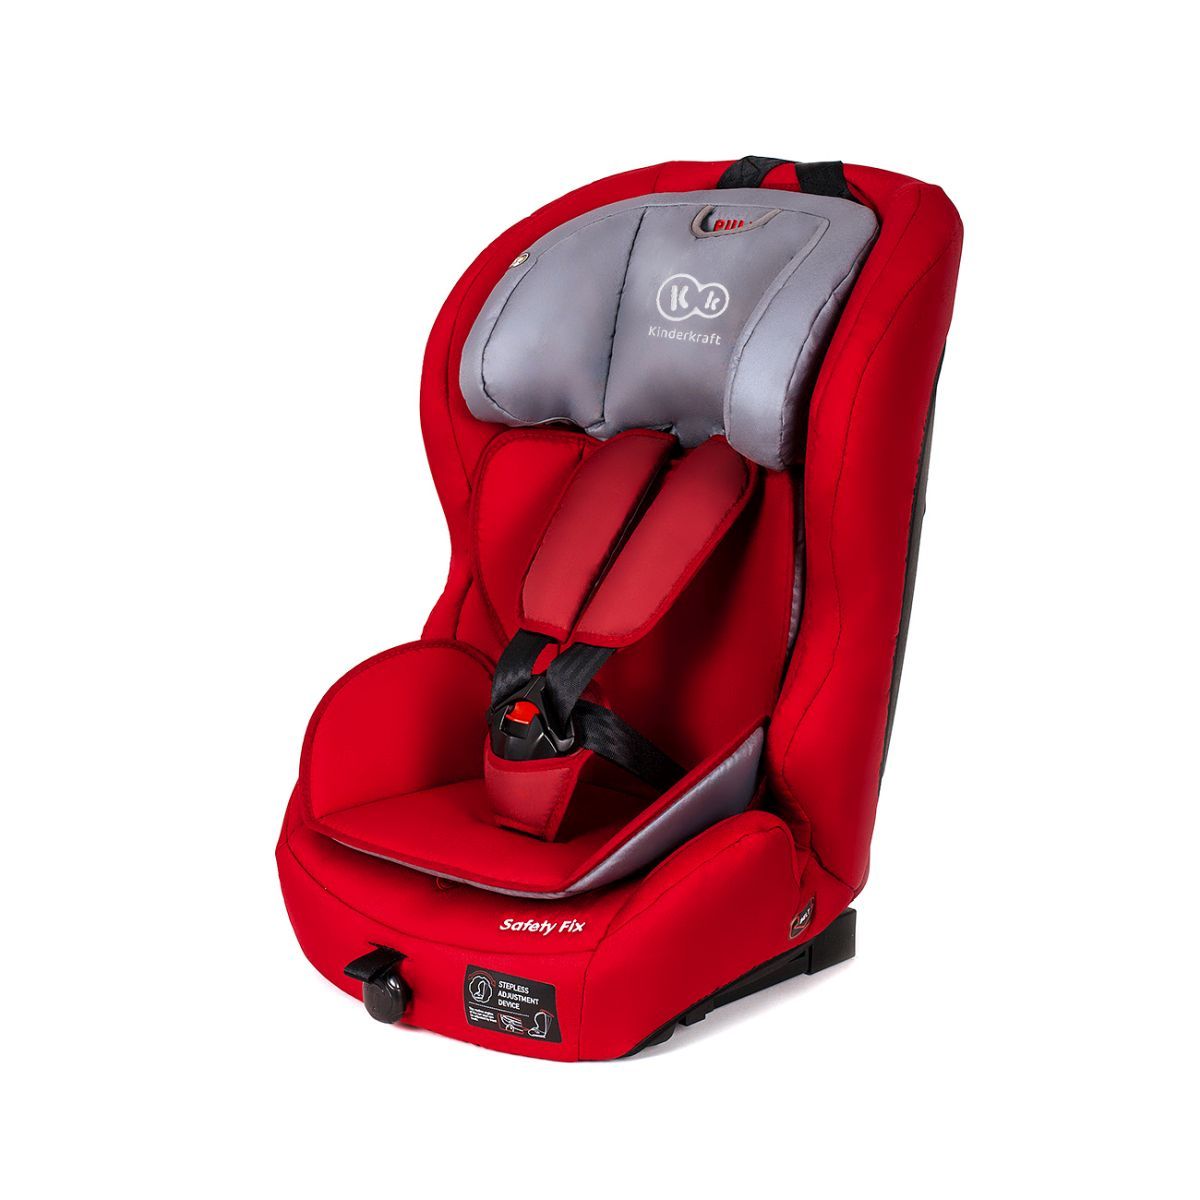 isofix si ge voiture pour b b de enfant chaise safetyfix rouge. Black Bedroom Furniture Sets. Home Design Ideas